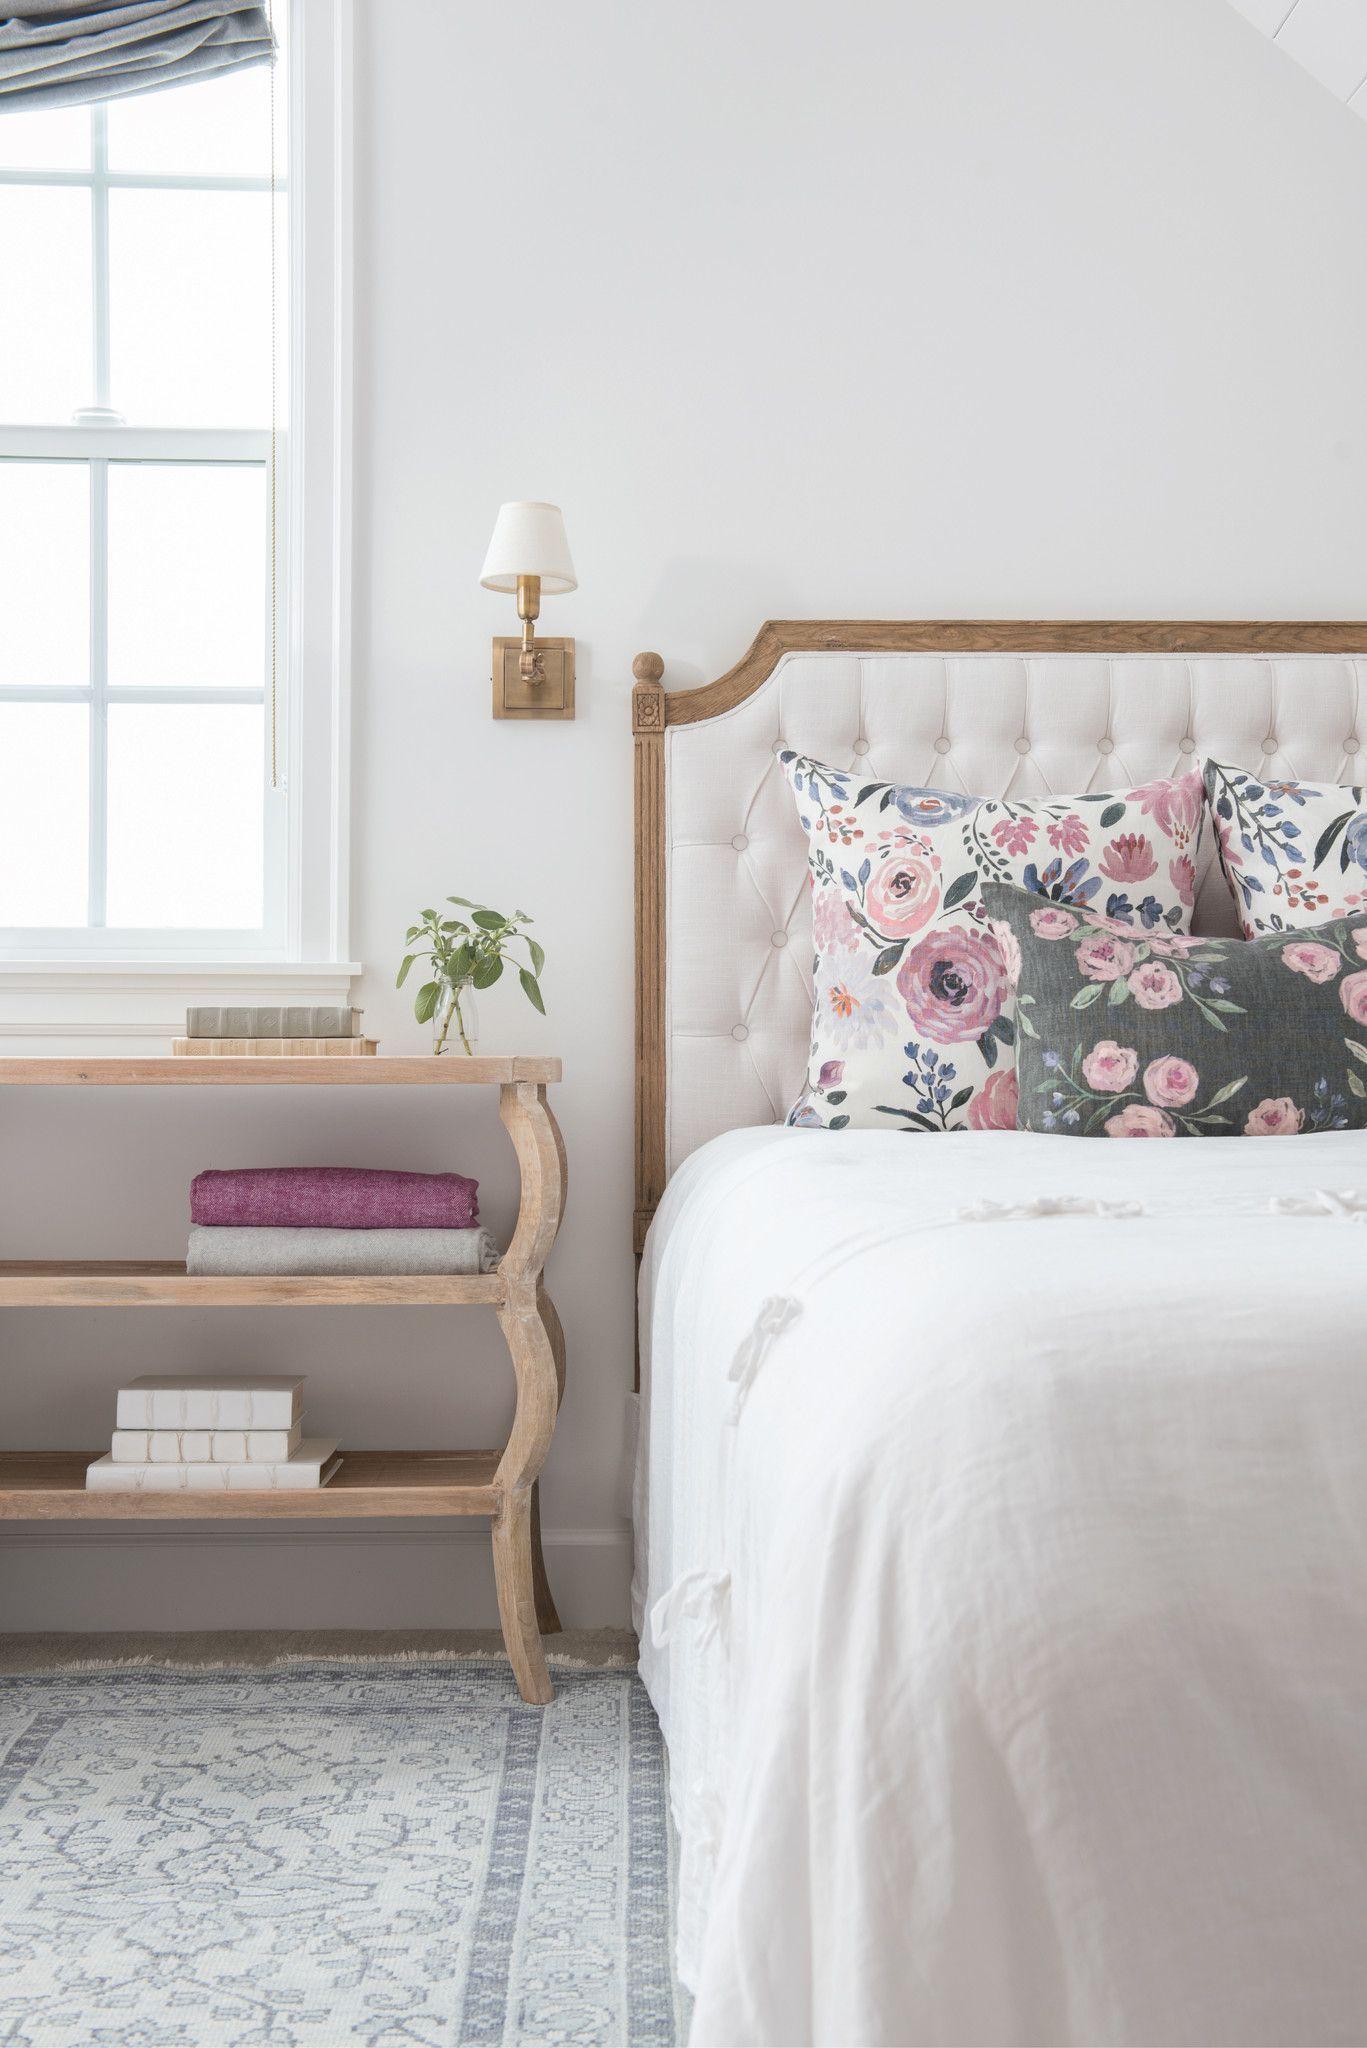 Simone Rug in Dove | Einrichten und Wohnen, Schlafzimmer und Bett